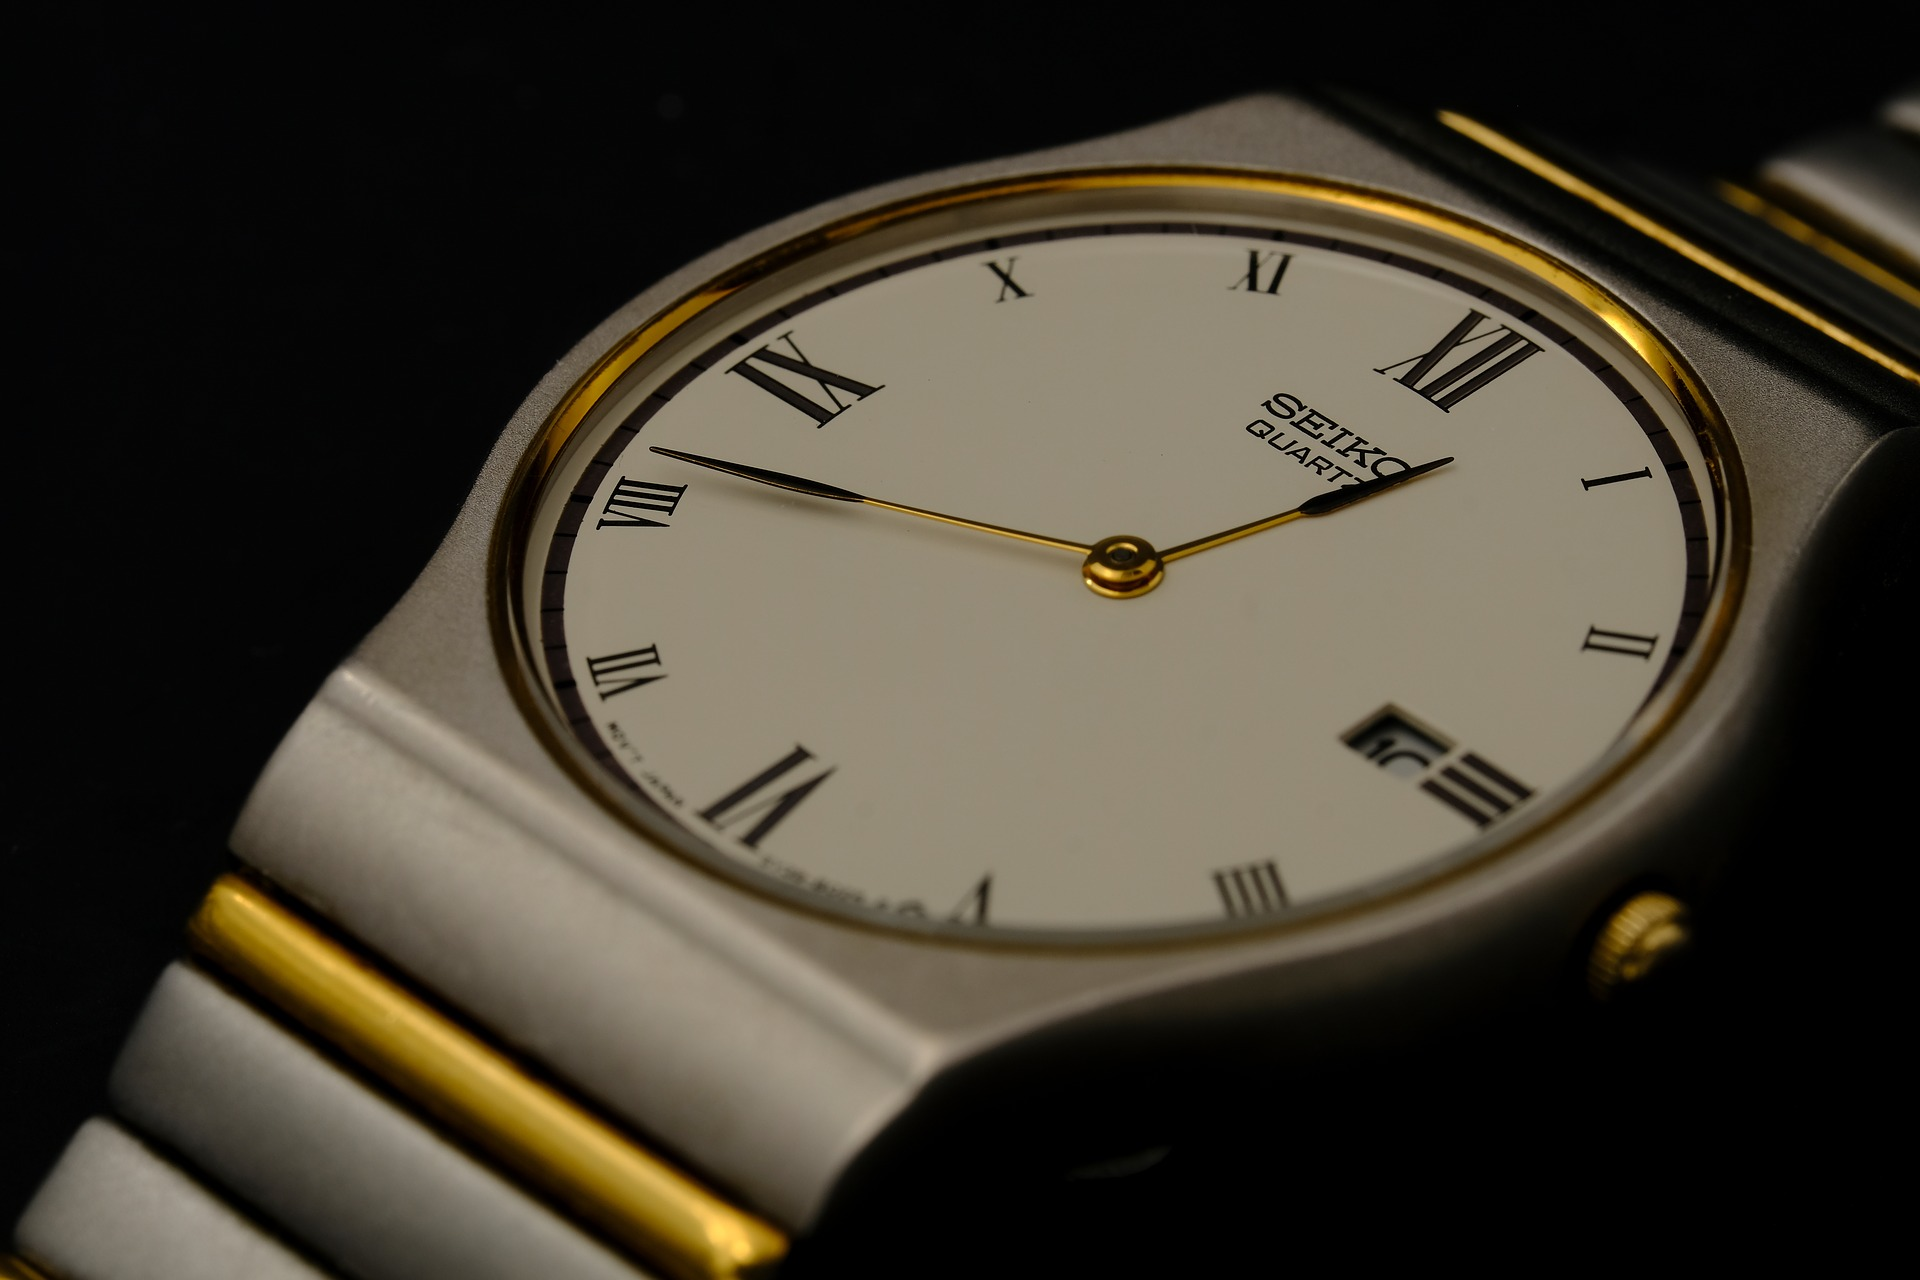 Seiko: Al honderd jaar horloges van topkwaliteit